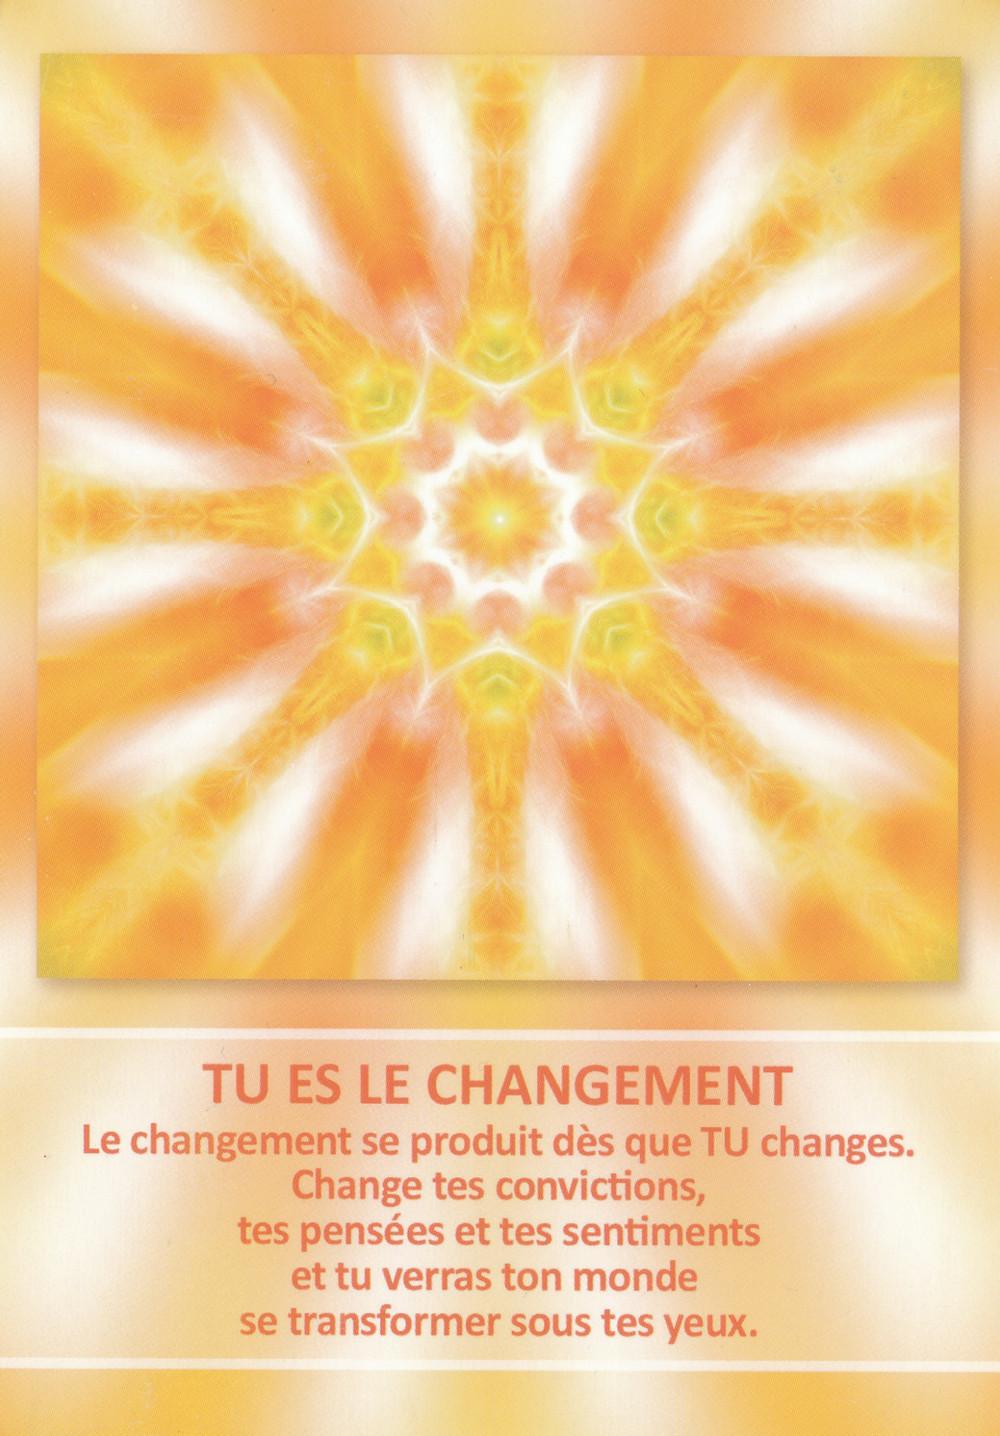 Carte de L'Oracle des Mandalas d'Énergie de Gaby Shayana Hoffmann - Tu es le changement - Conseils du 19 février 2020 : Être dans l'Ici et Maintenant pour Créer le changement